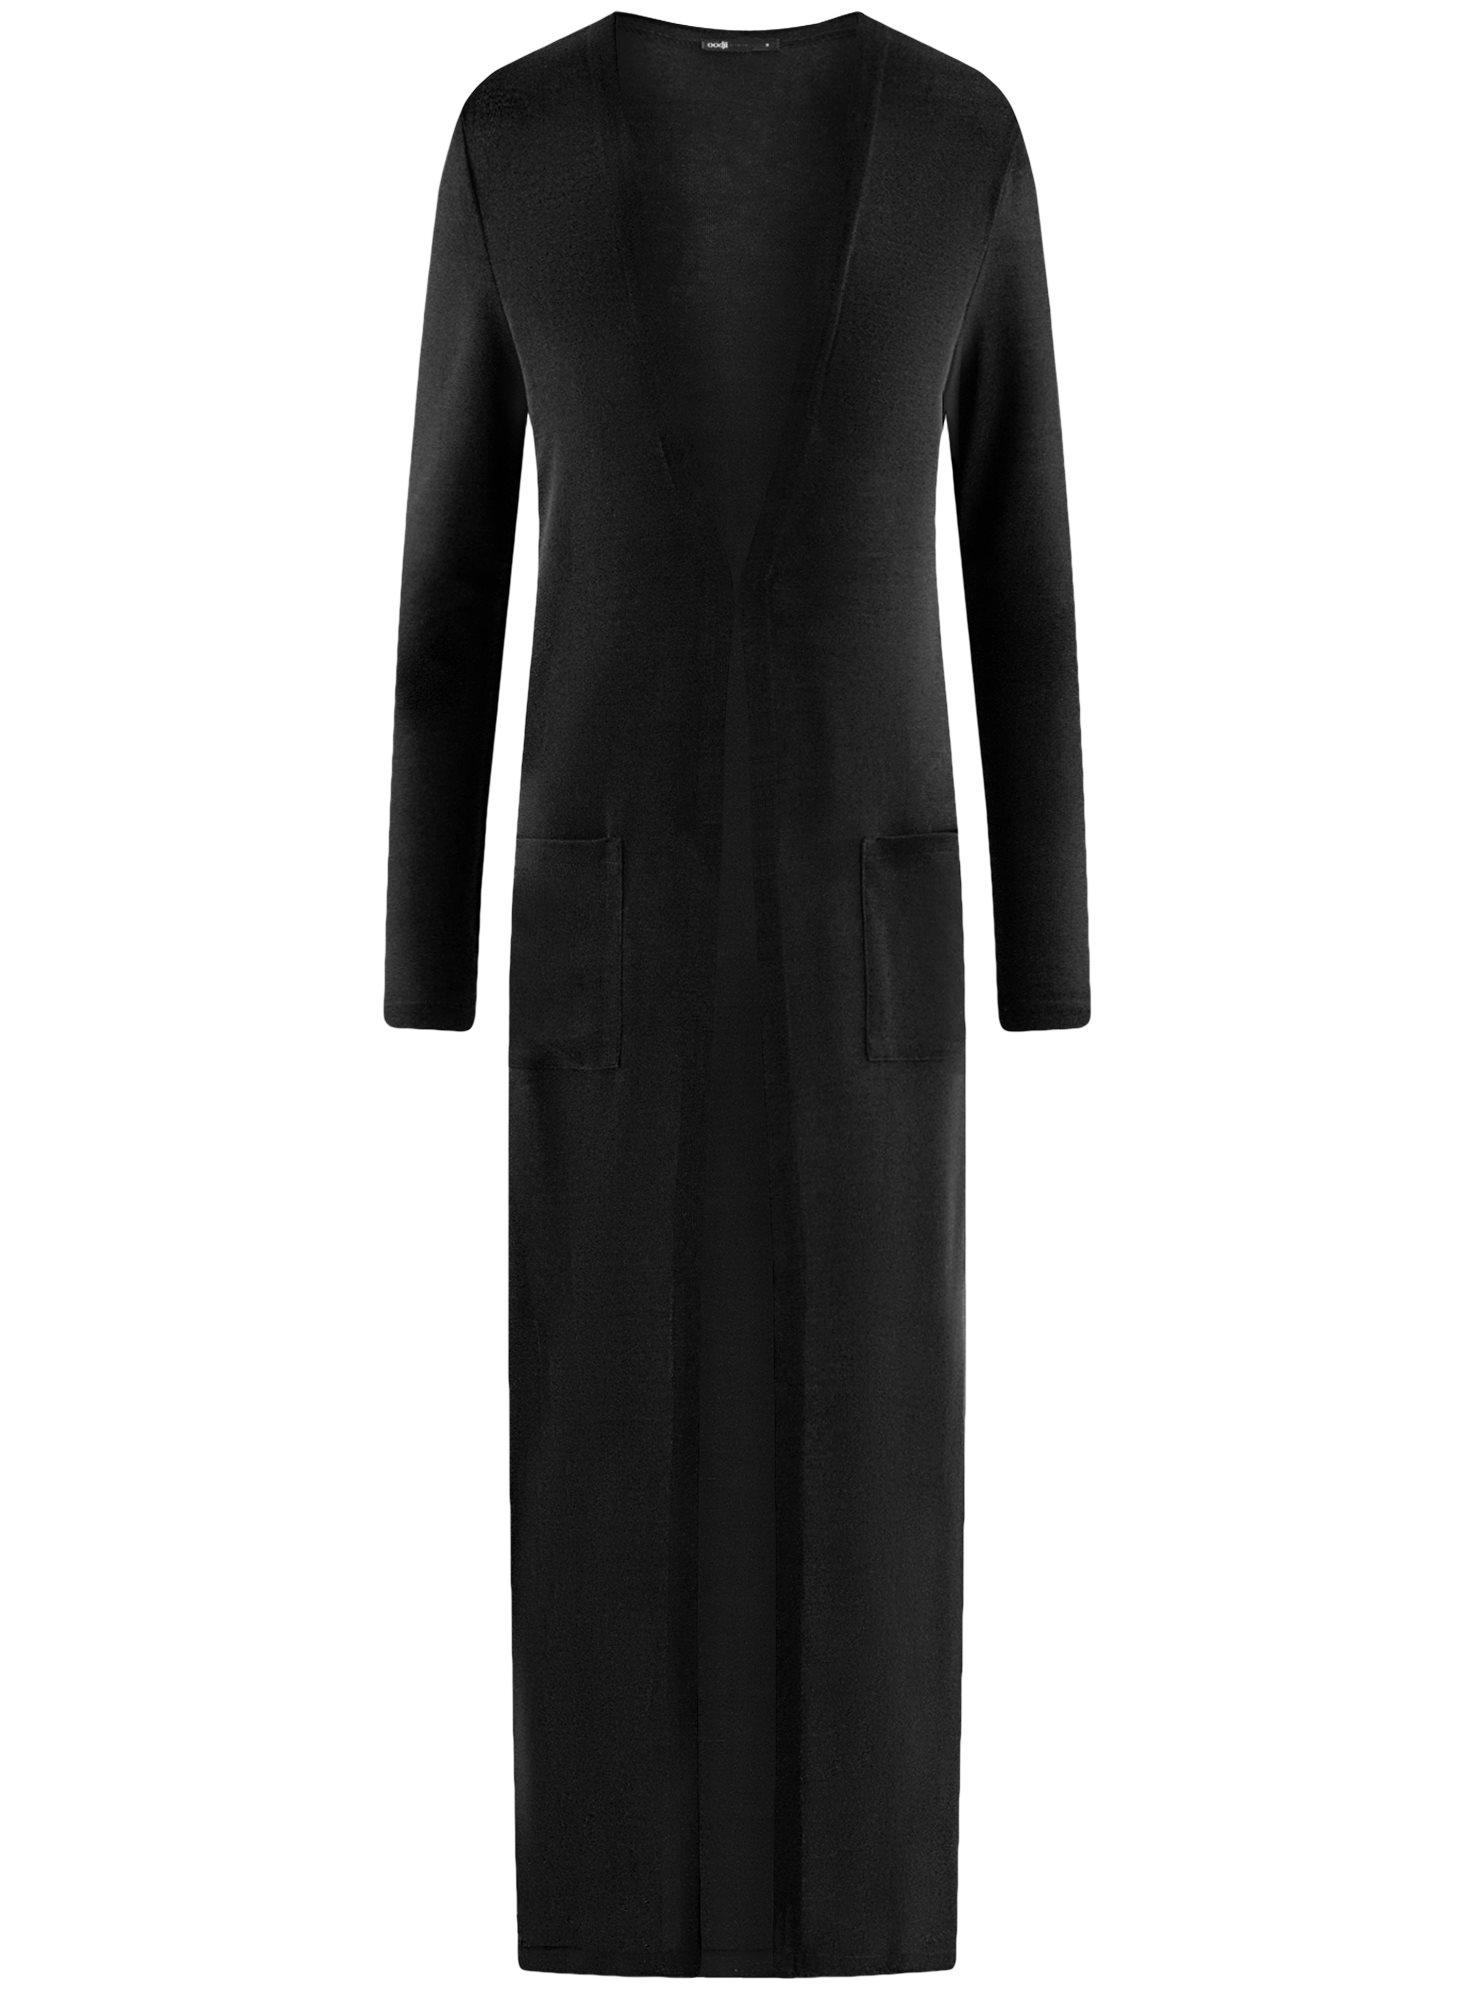 Кардиган удлиненный с разрезами по бокам oodji для женщины (черный), 17900045/45723/2900N